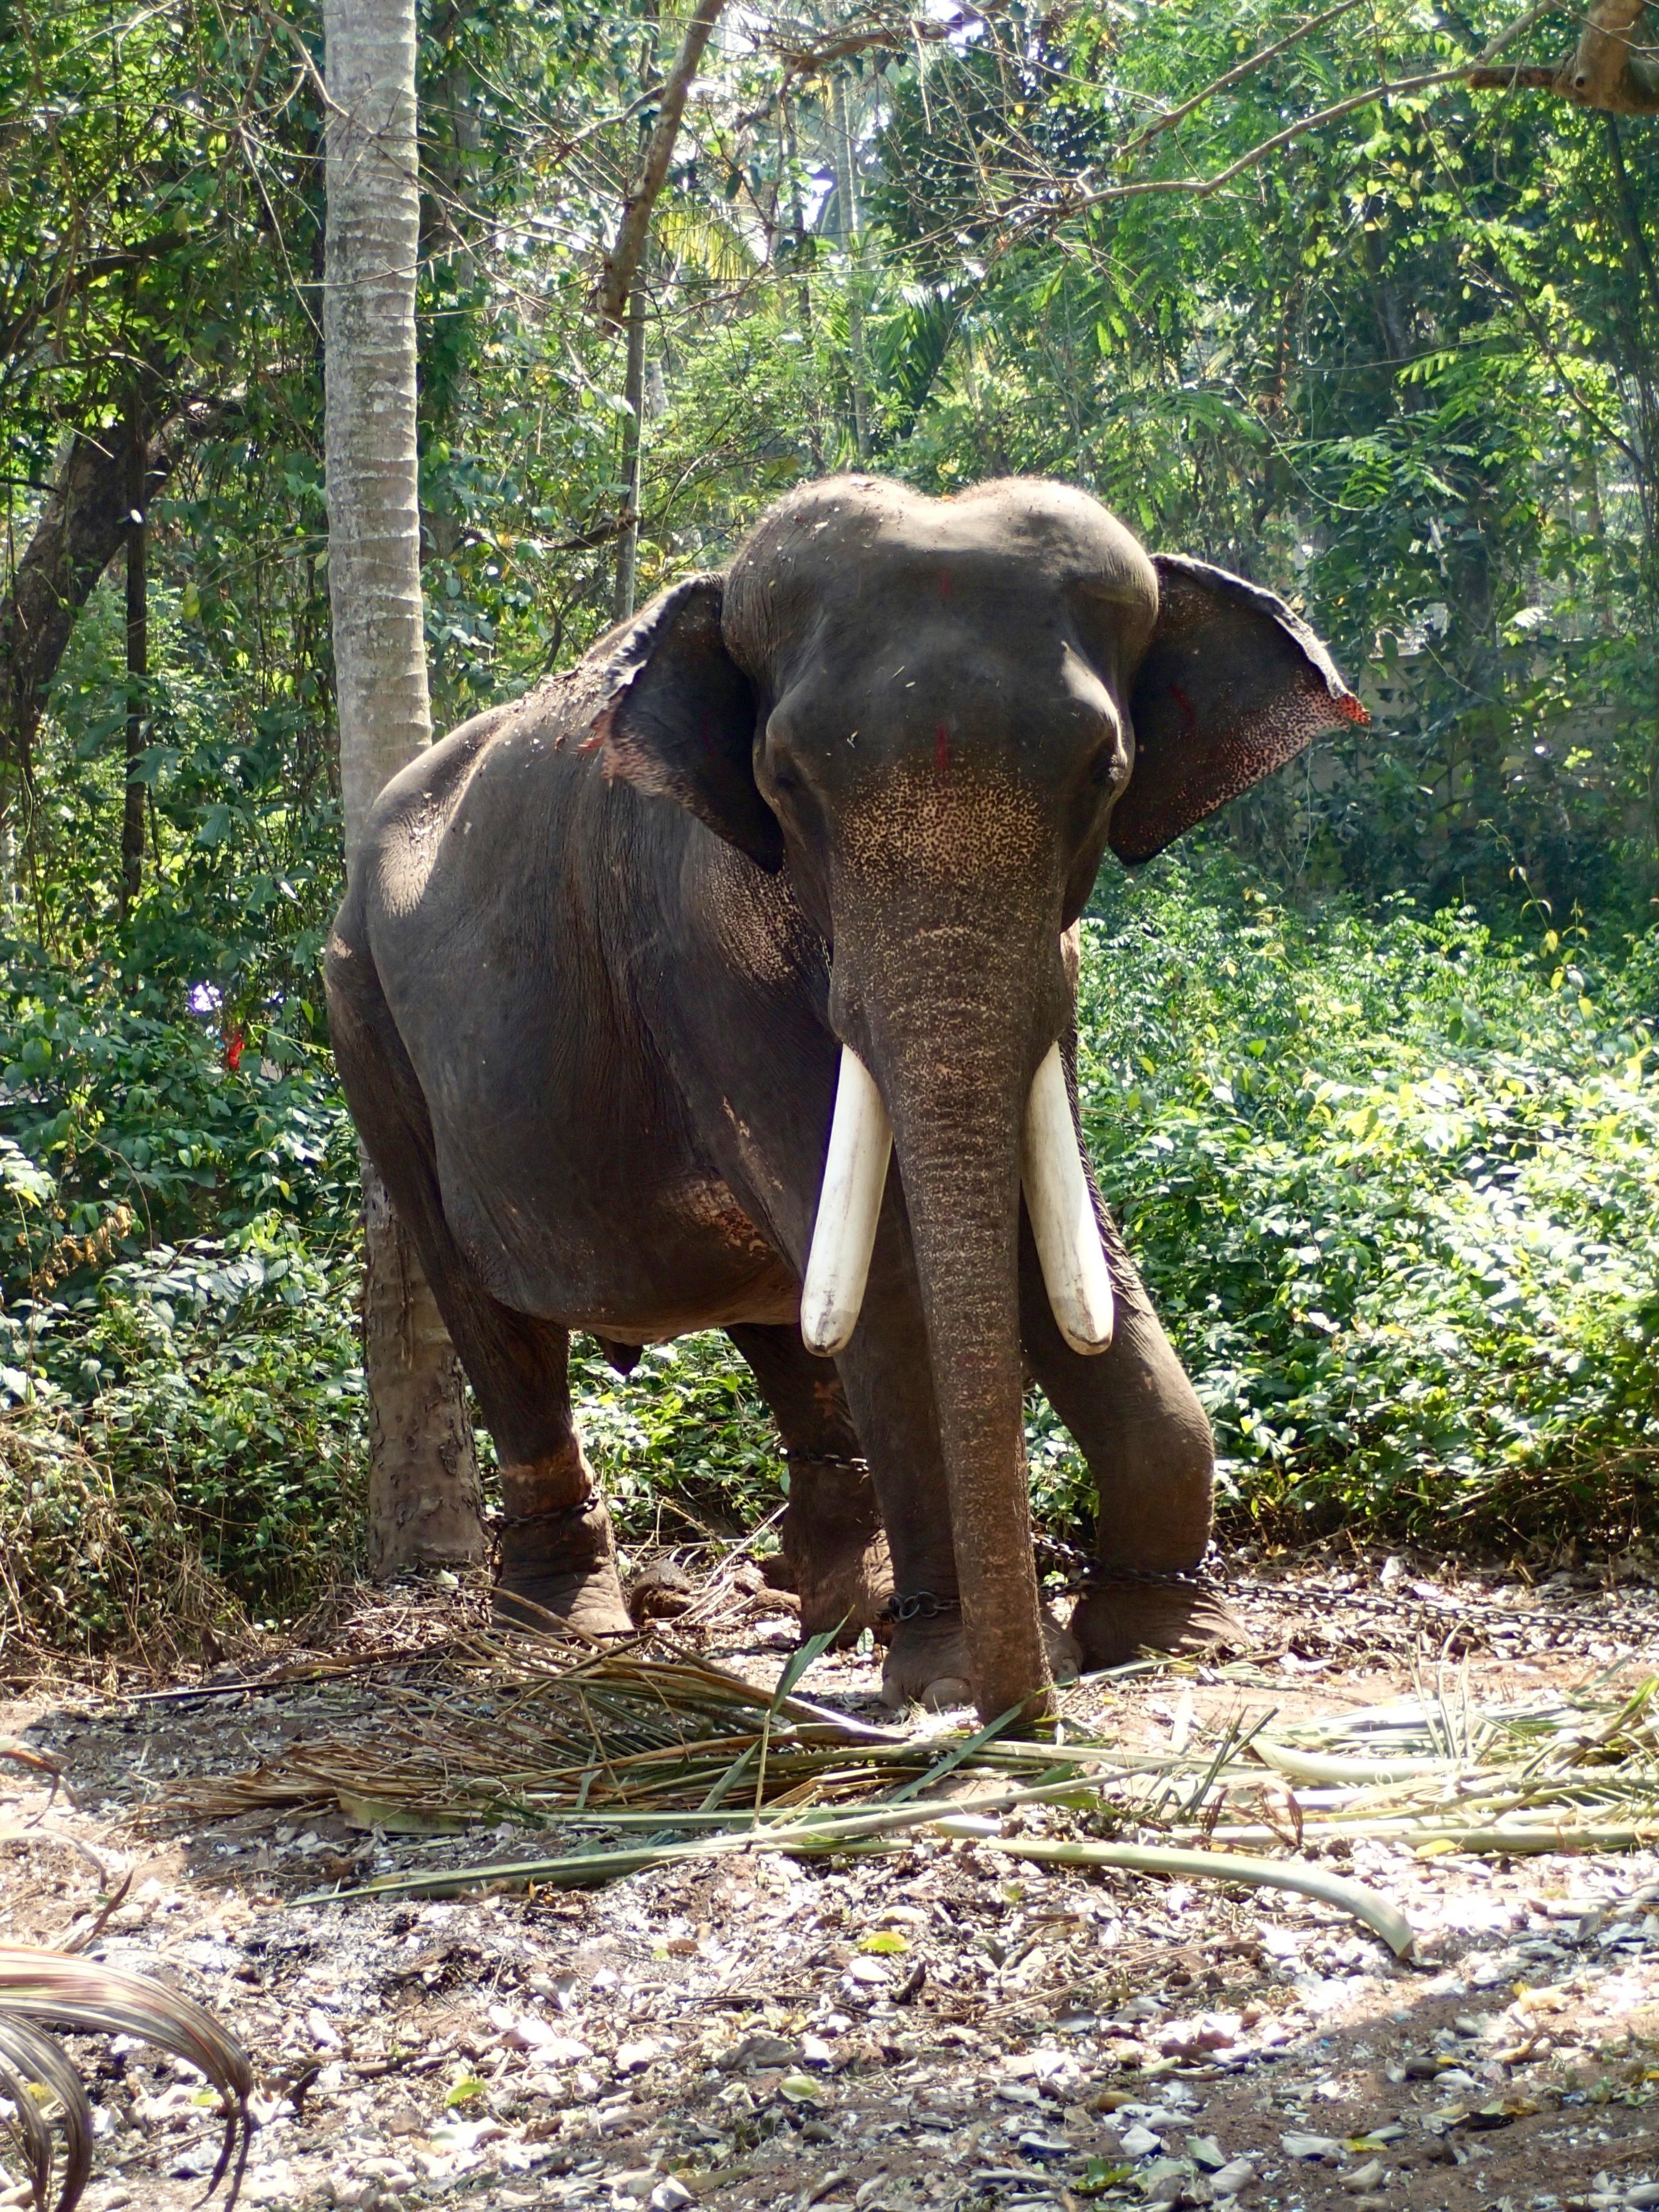 Images gratuites aventure faune zoo jungle p turage mammif re l phant inde safari - Photos d elephants gratuites ...